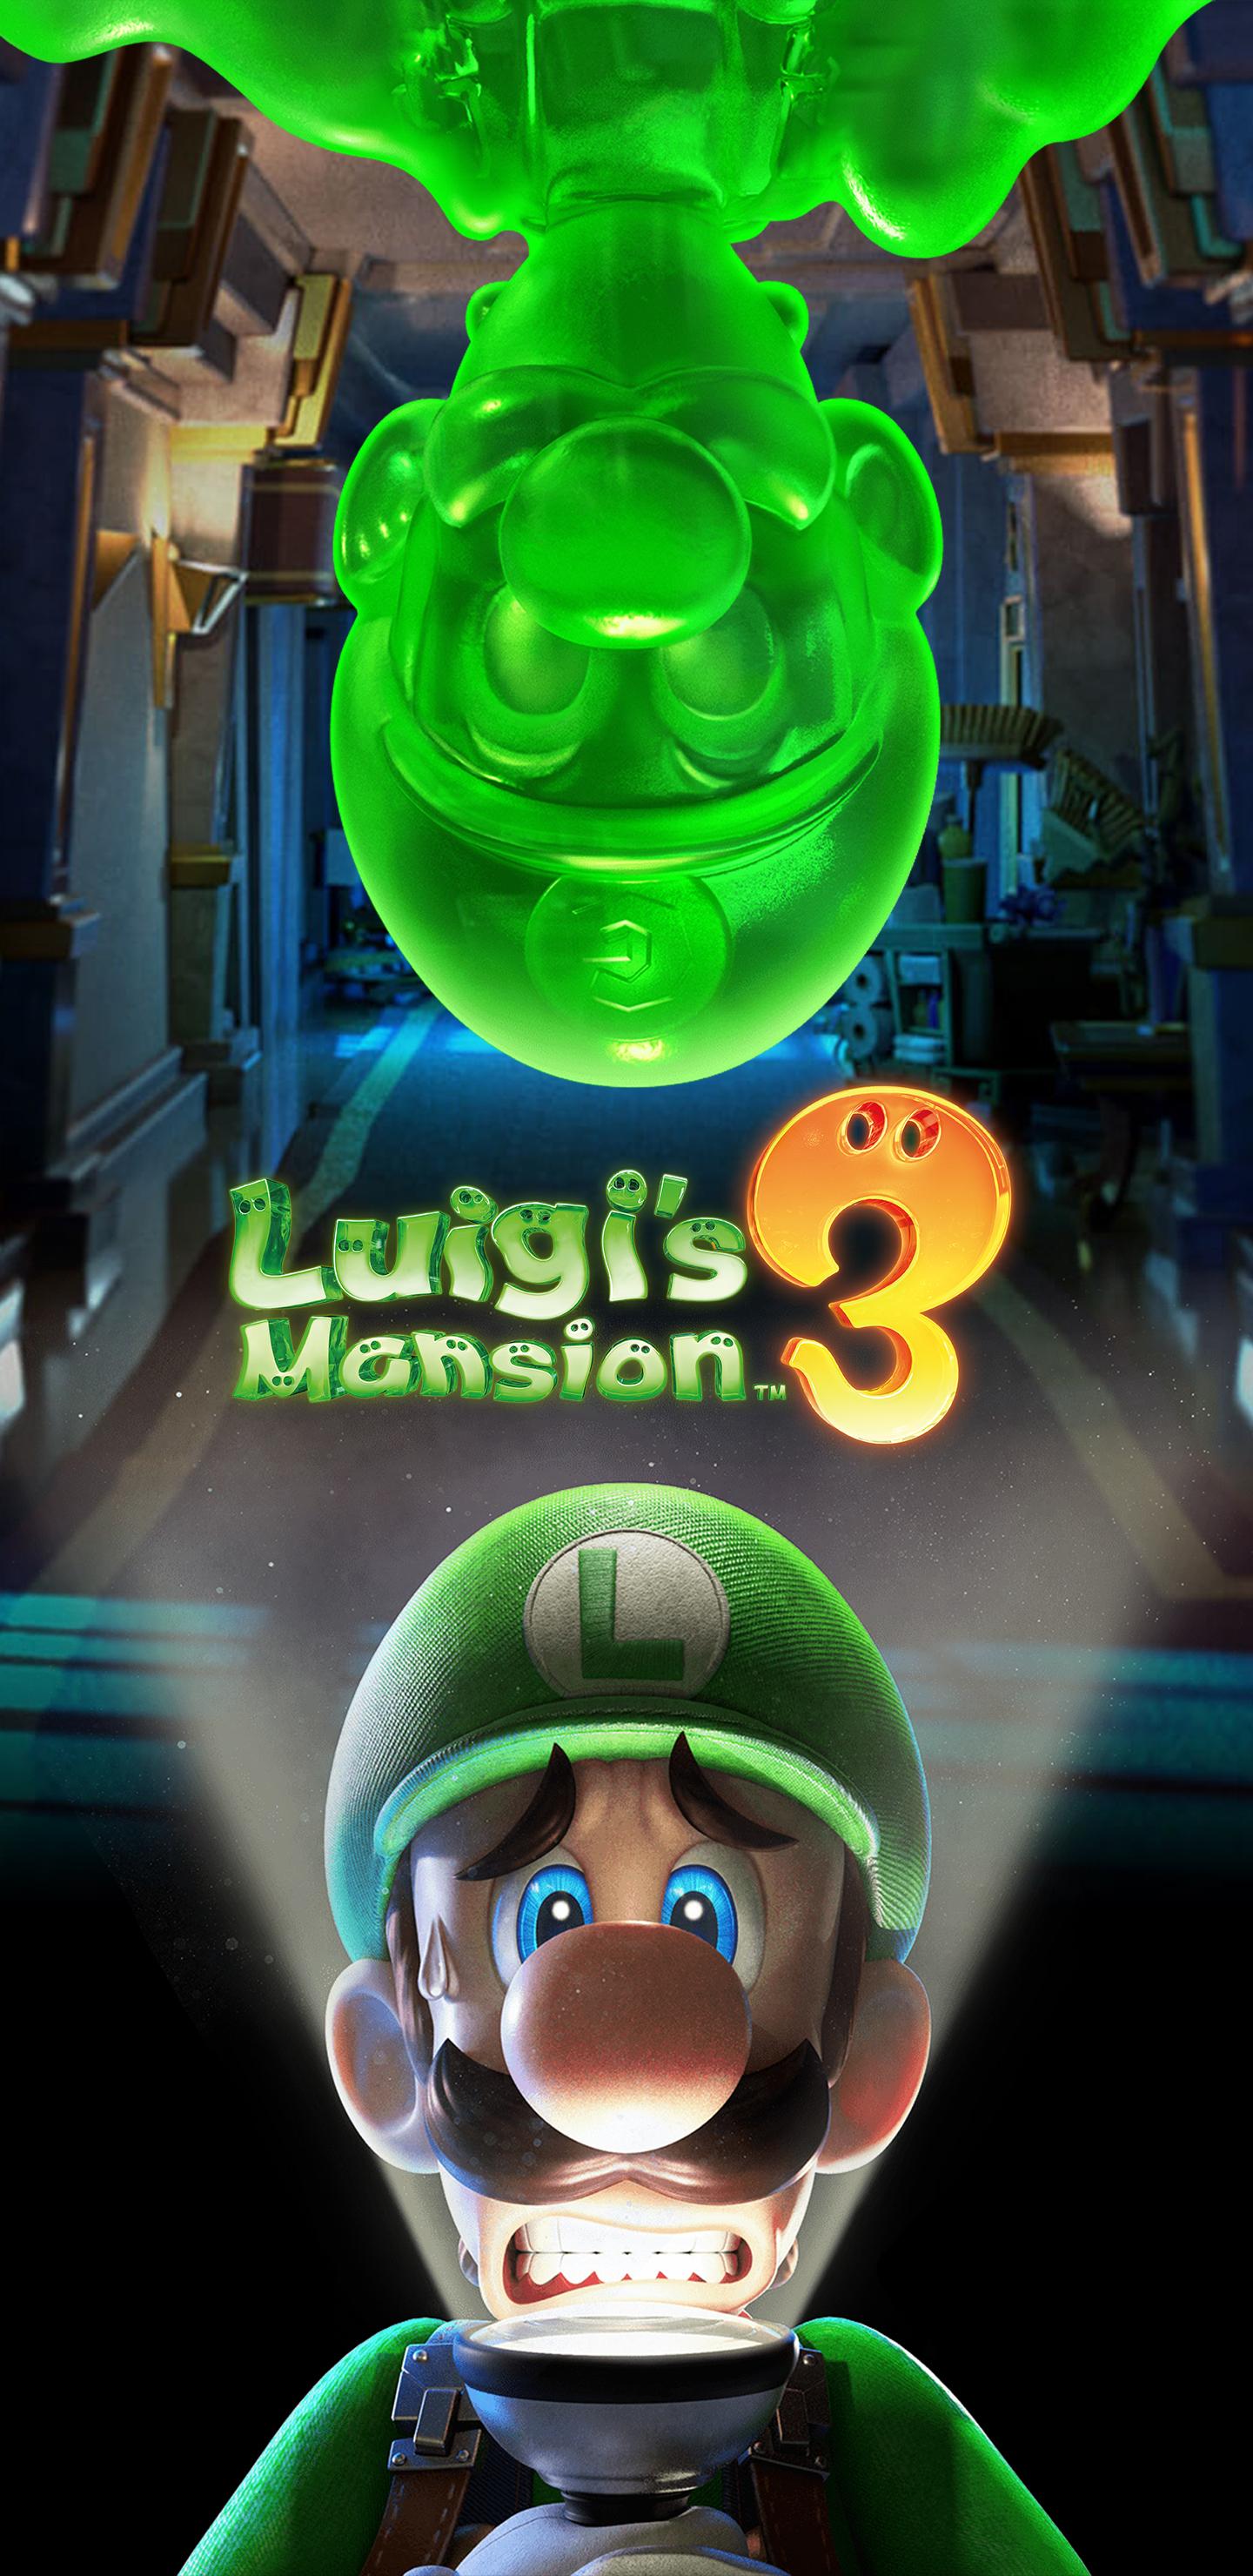 luigi s mansion 3 cover art wallpaper